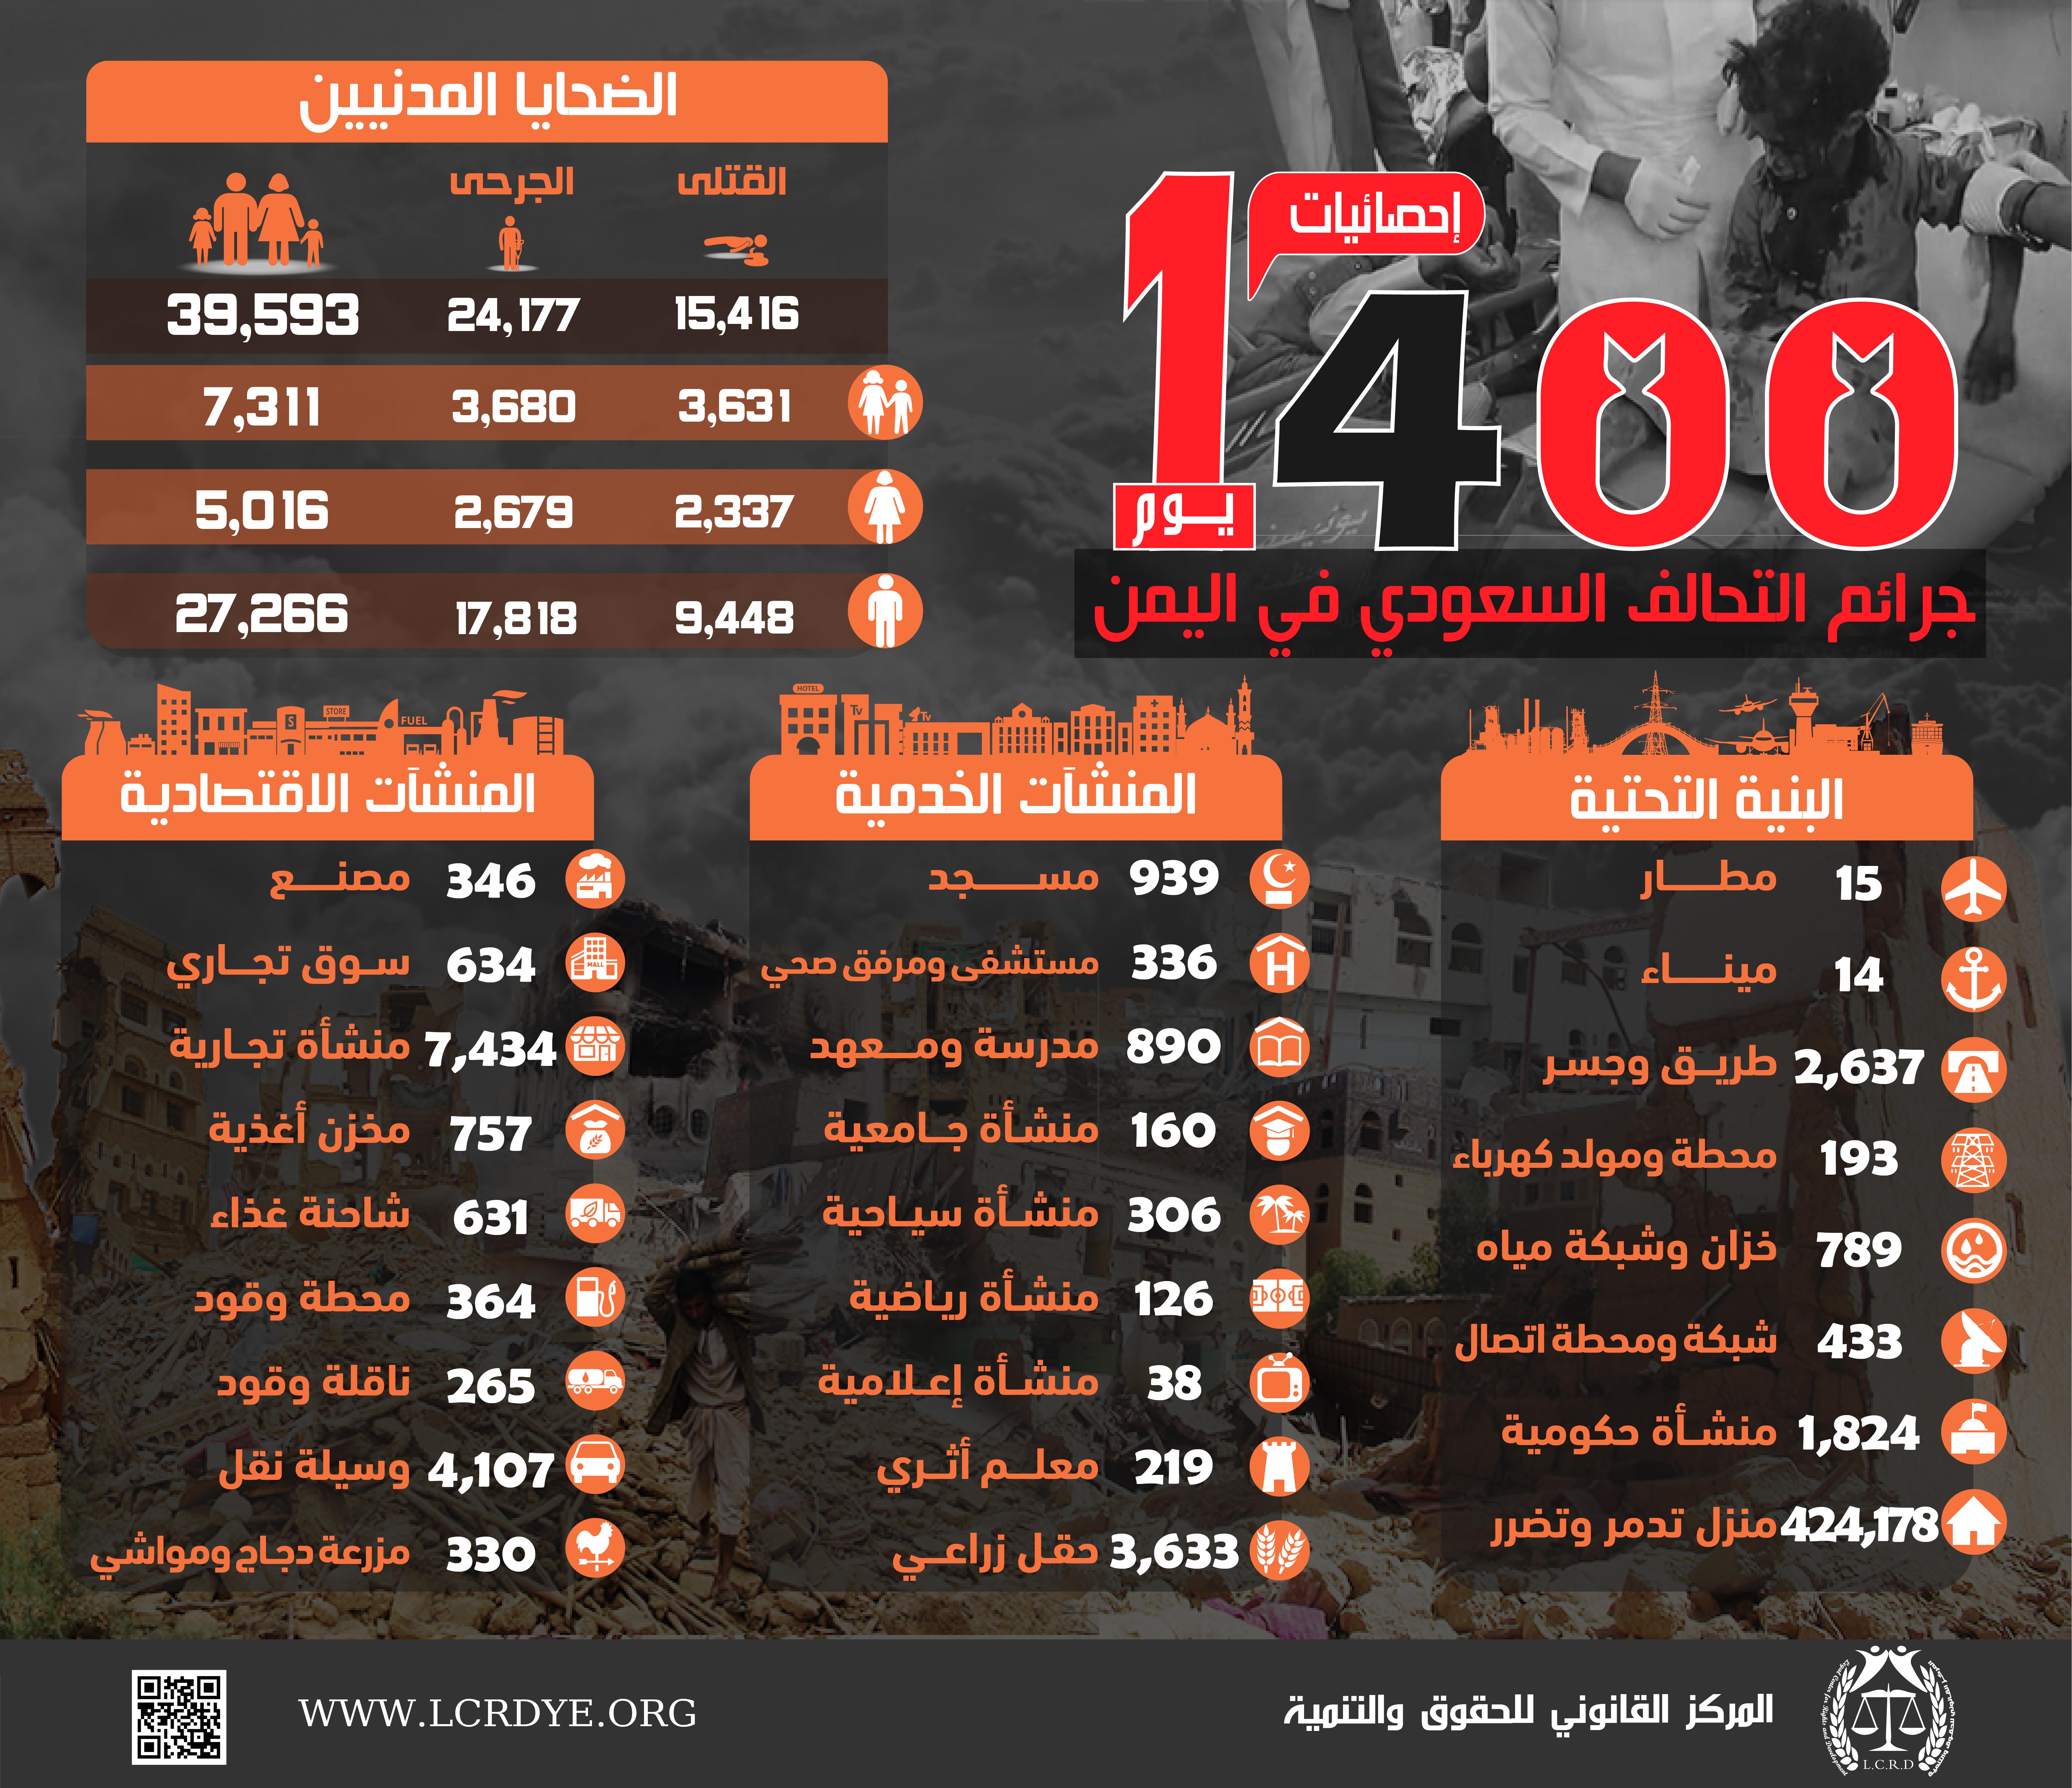 إحصائية 1400 يوم باللغة العربية-01